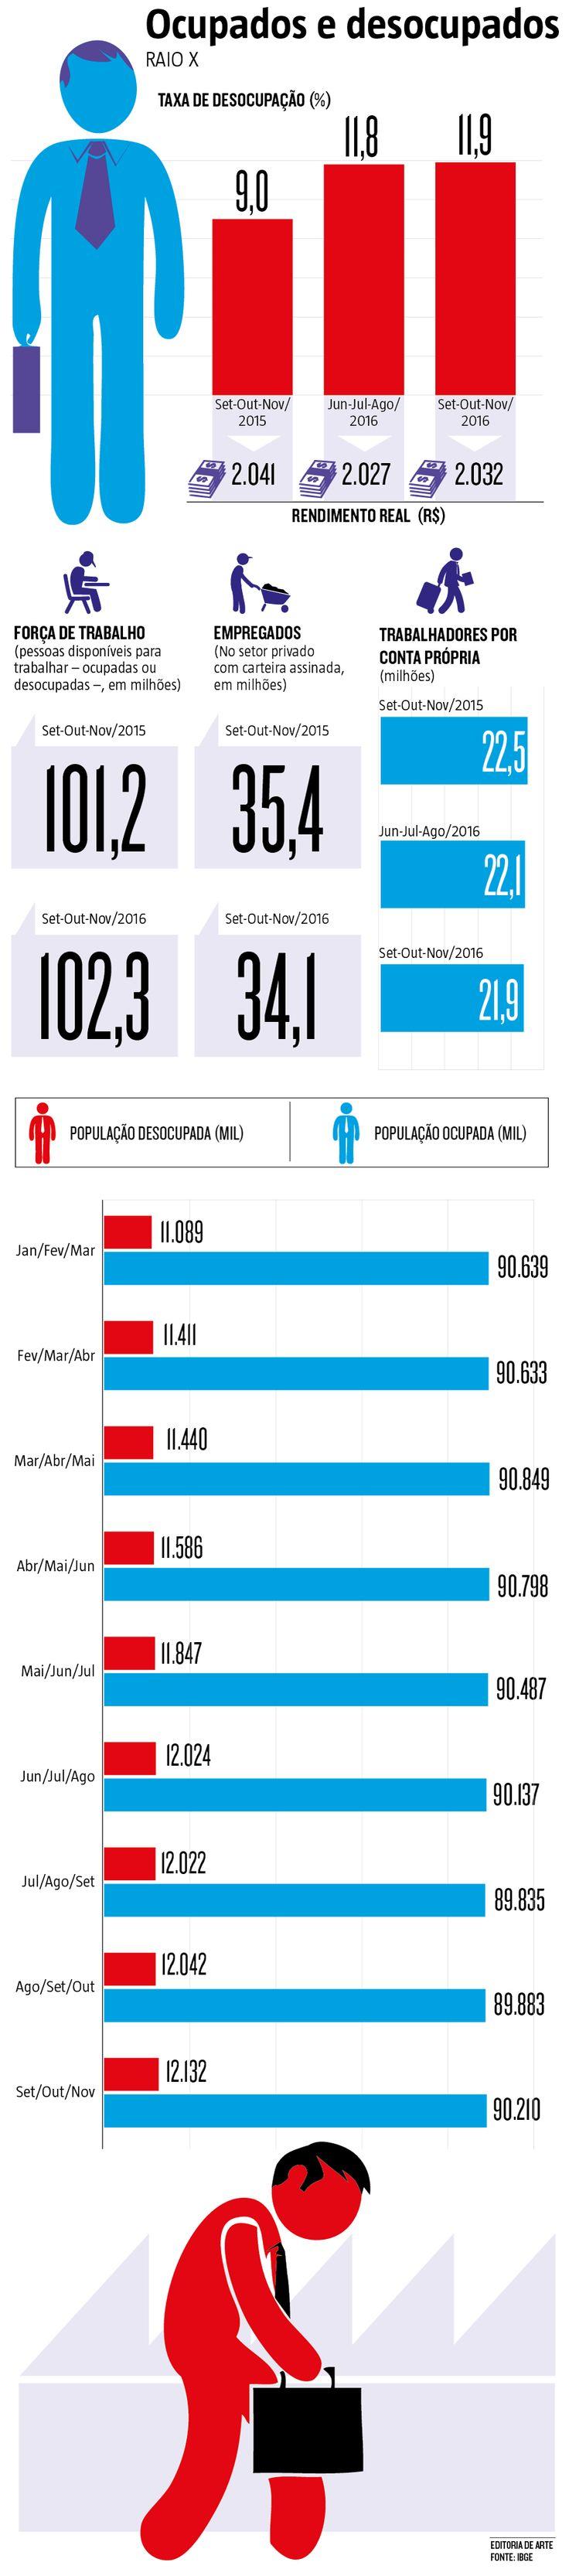 Se restava alguma dúvida de que 2016 foi um ano perdido para a economia brasileira, ela deixou de existir com a nova marca recorde de desemprego divulgada ontem pelo IBGE. No trimestre encerrado em novembro, o número de desocupados chegou à marca dos 12,1 milhões de pessoas. Um aumento de 3 milhões na comparação com o mesmo período do ano passado. (30/12/2016) #CLT #Trabalhador #Empregado #Desemprego #Patrão #Temer #Economia #Infográfico #Infografia #HojeEmDia